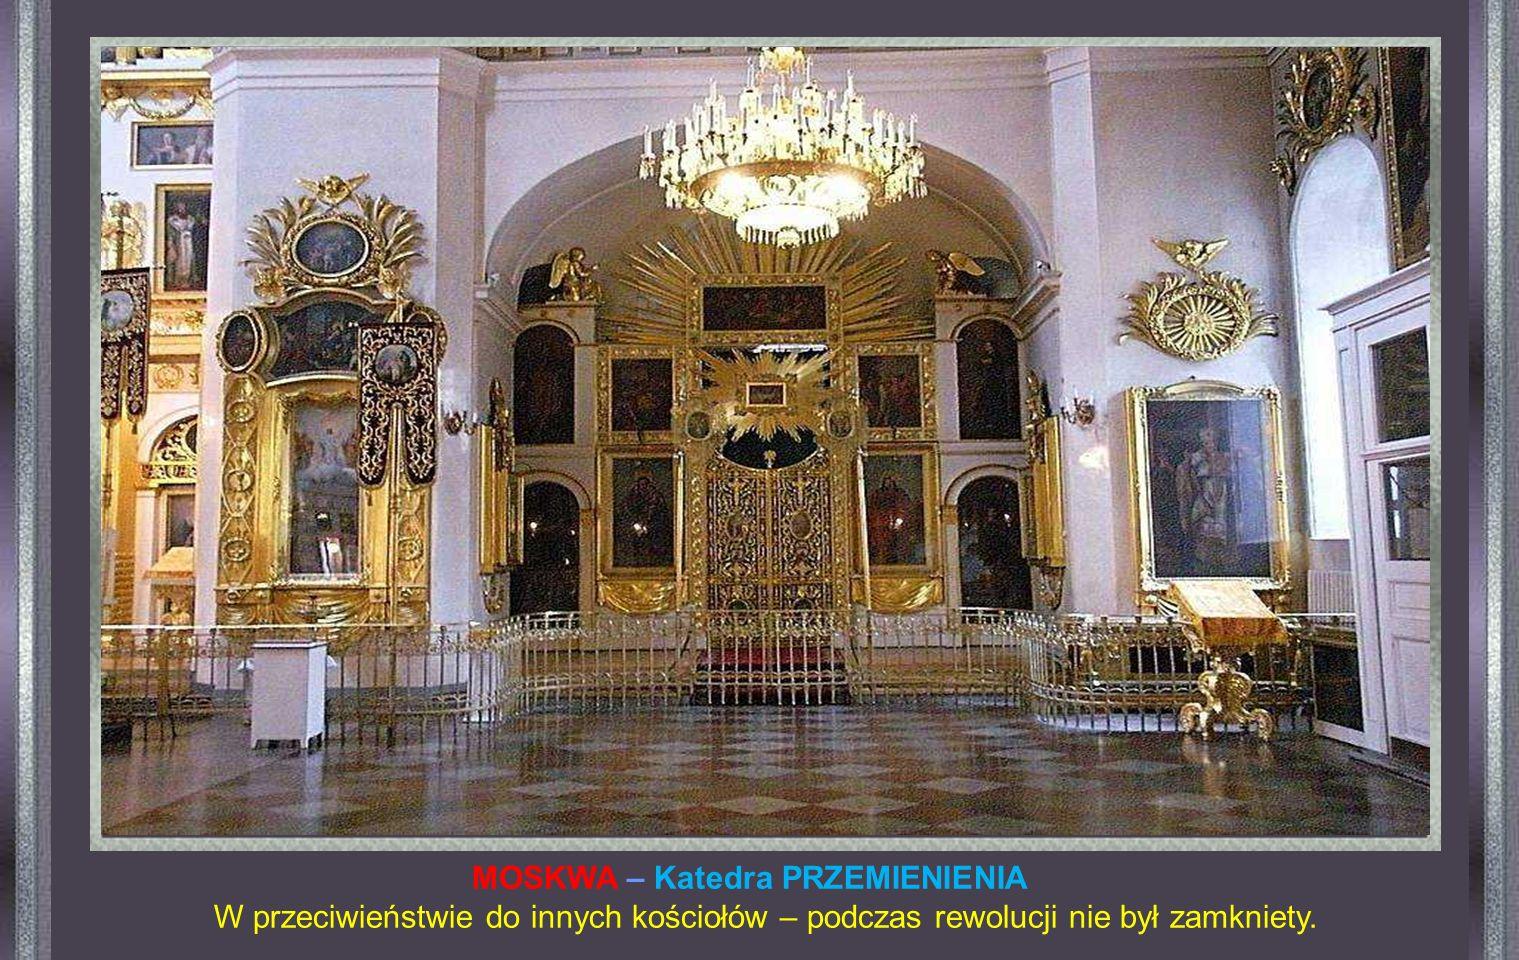 MOSKWA – Katedra PRZEMIENIENIA